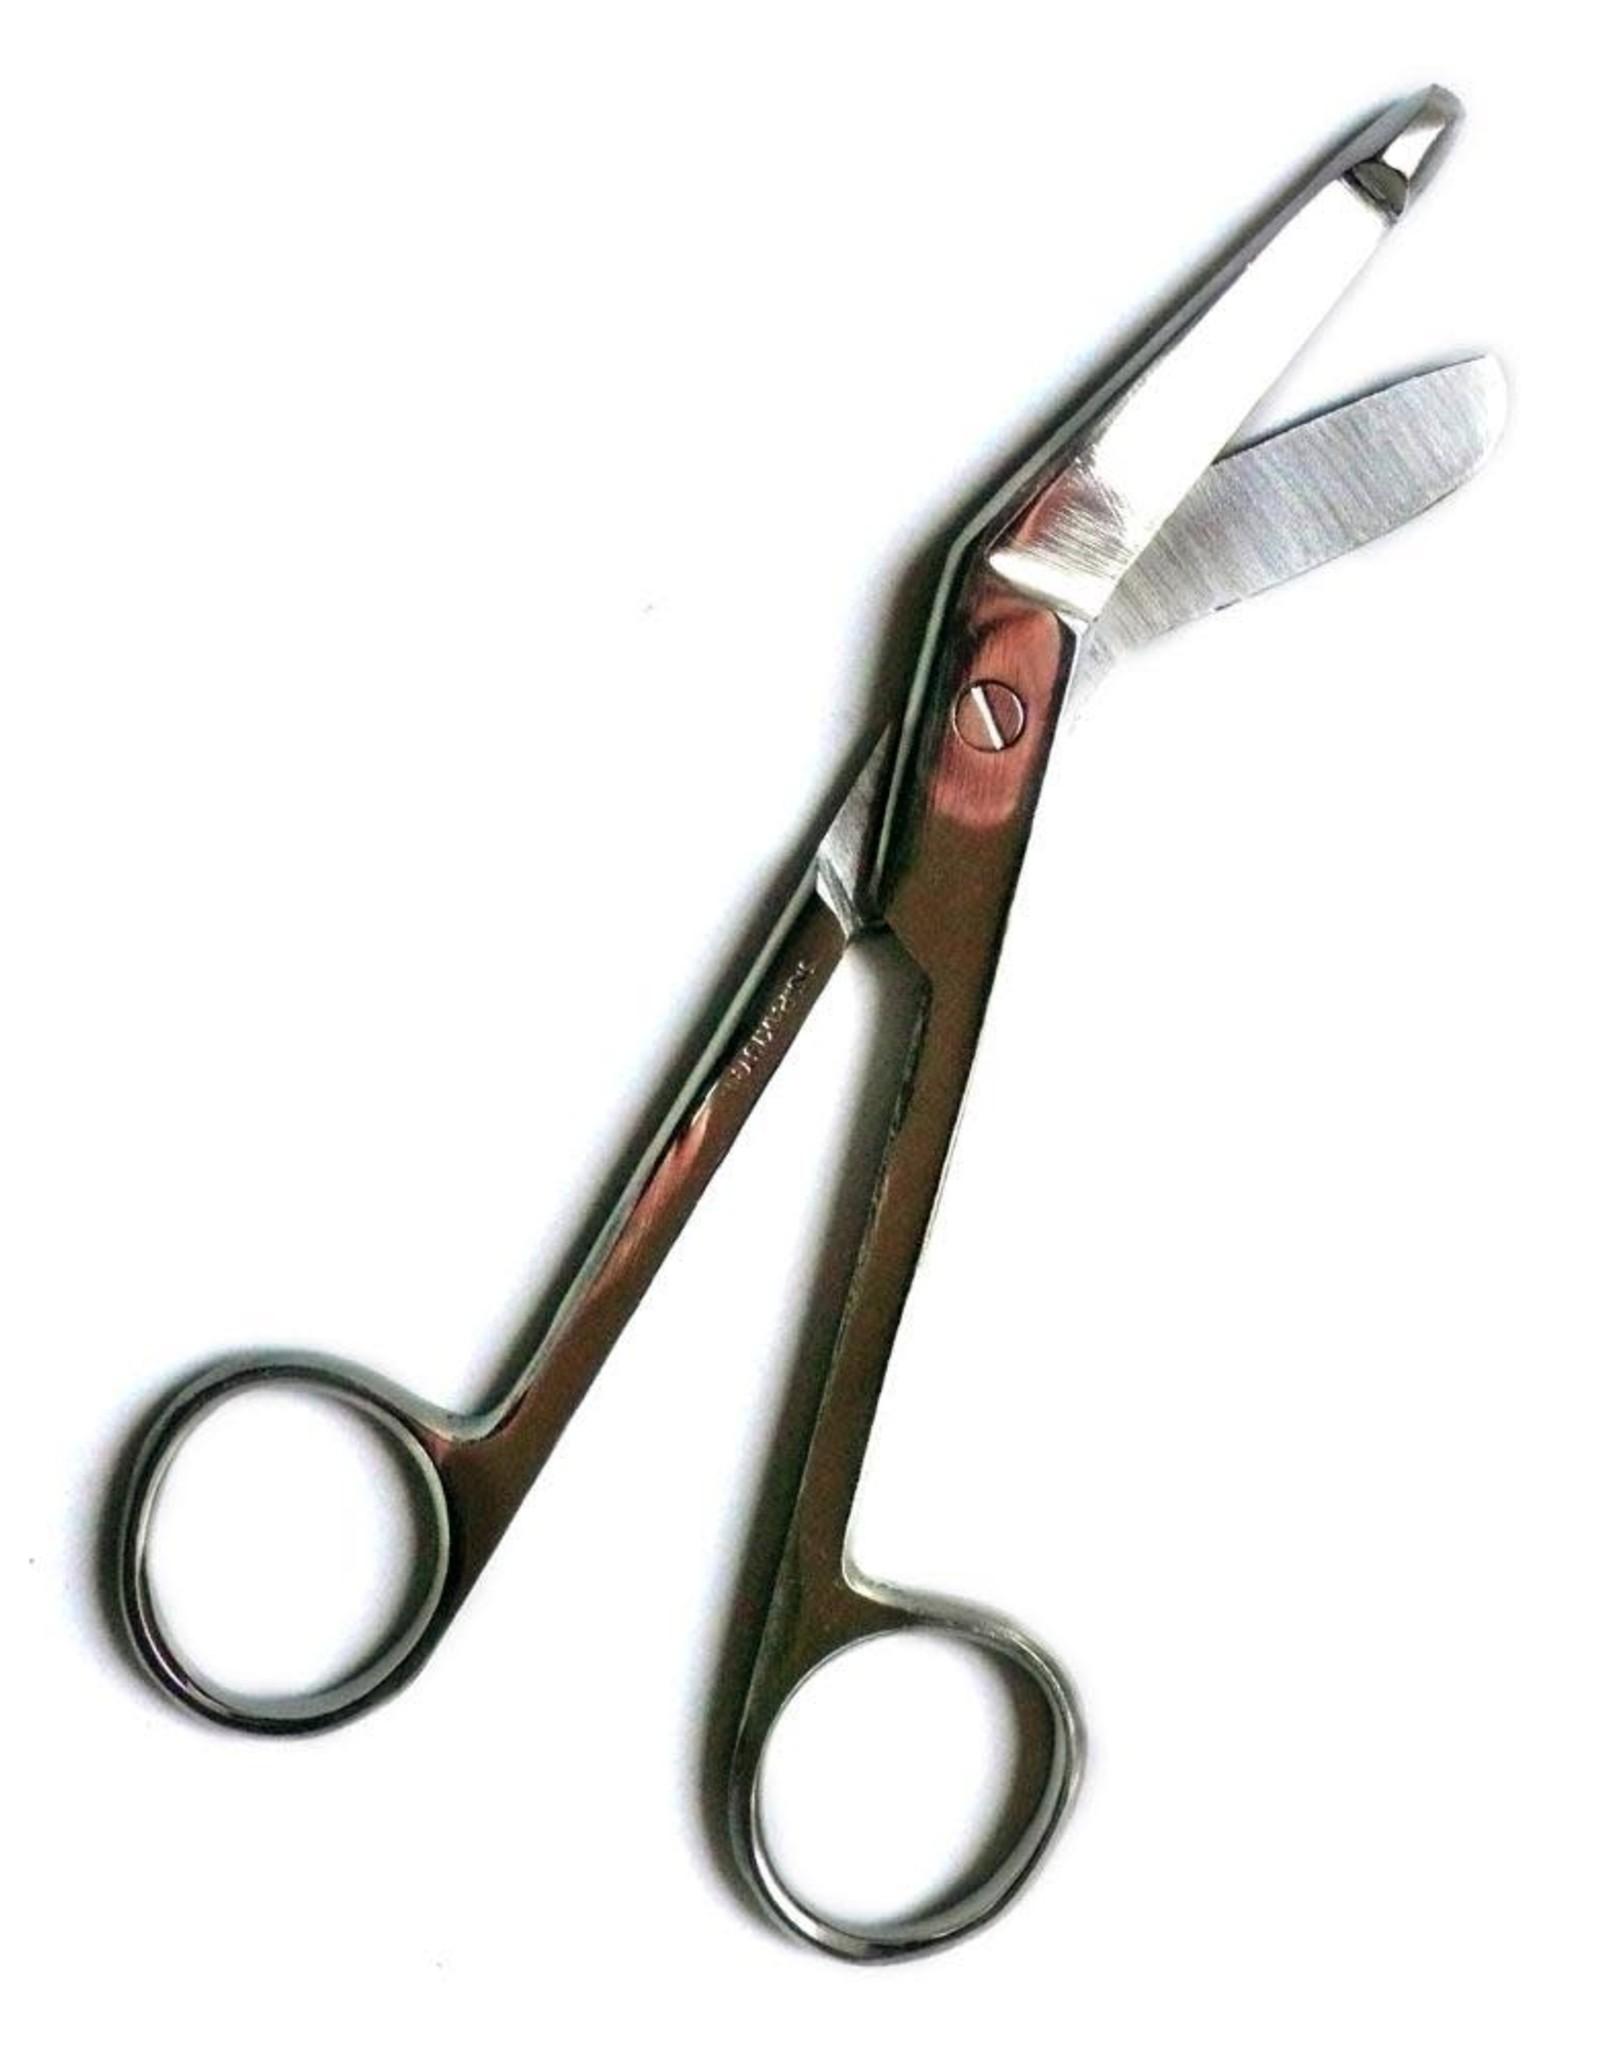 Stockroom Stockroom Curb Tip Surgeons Scissors